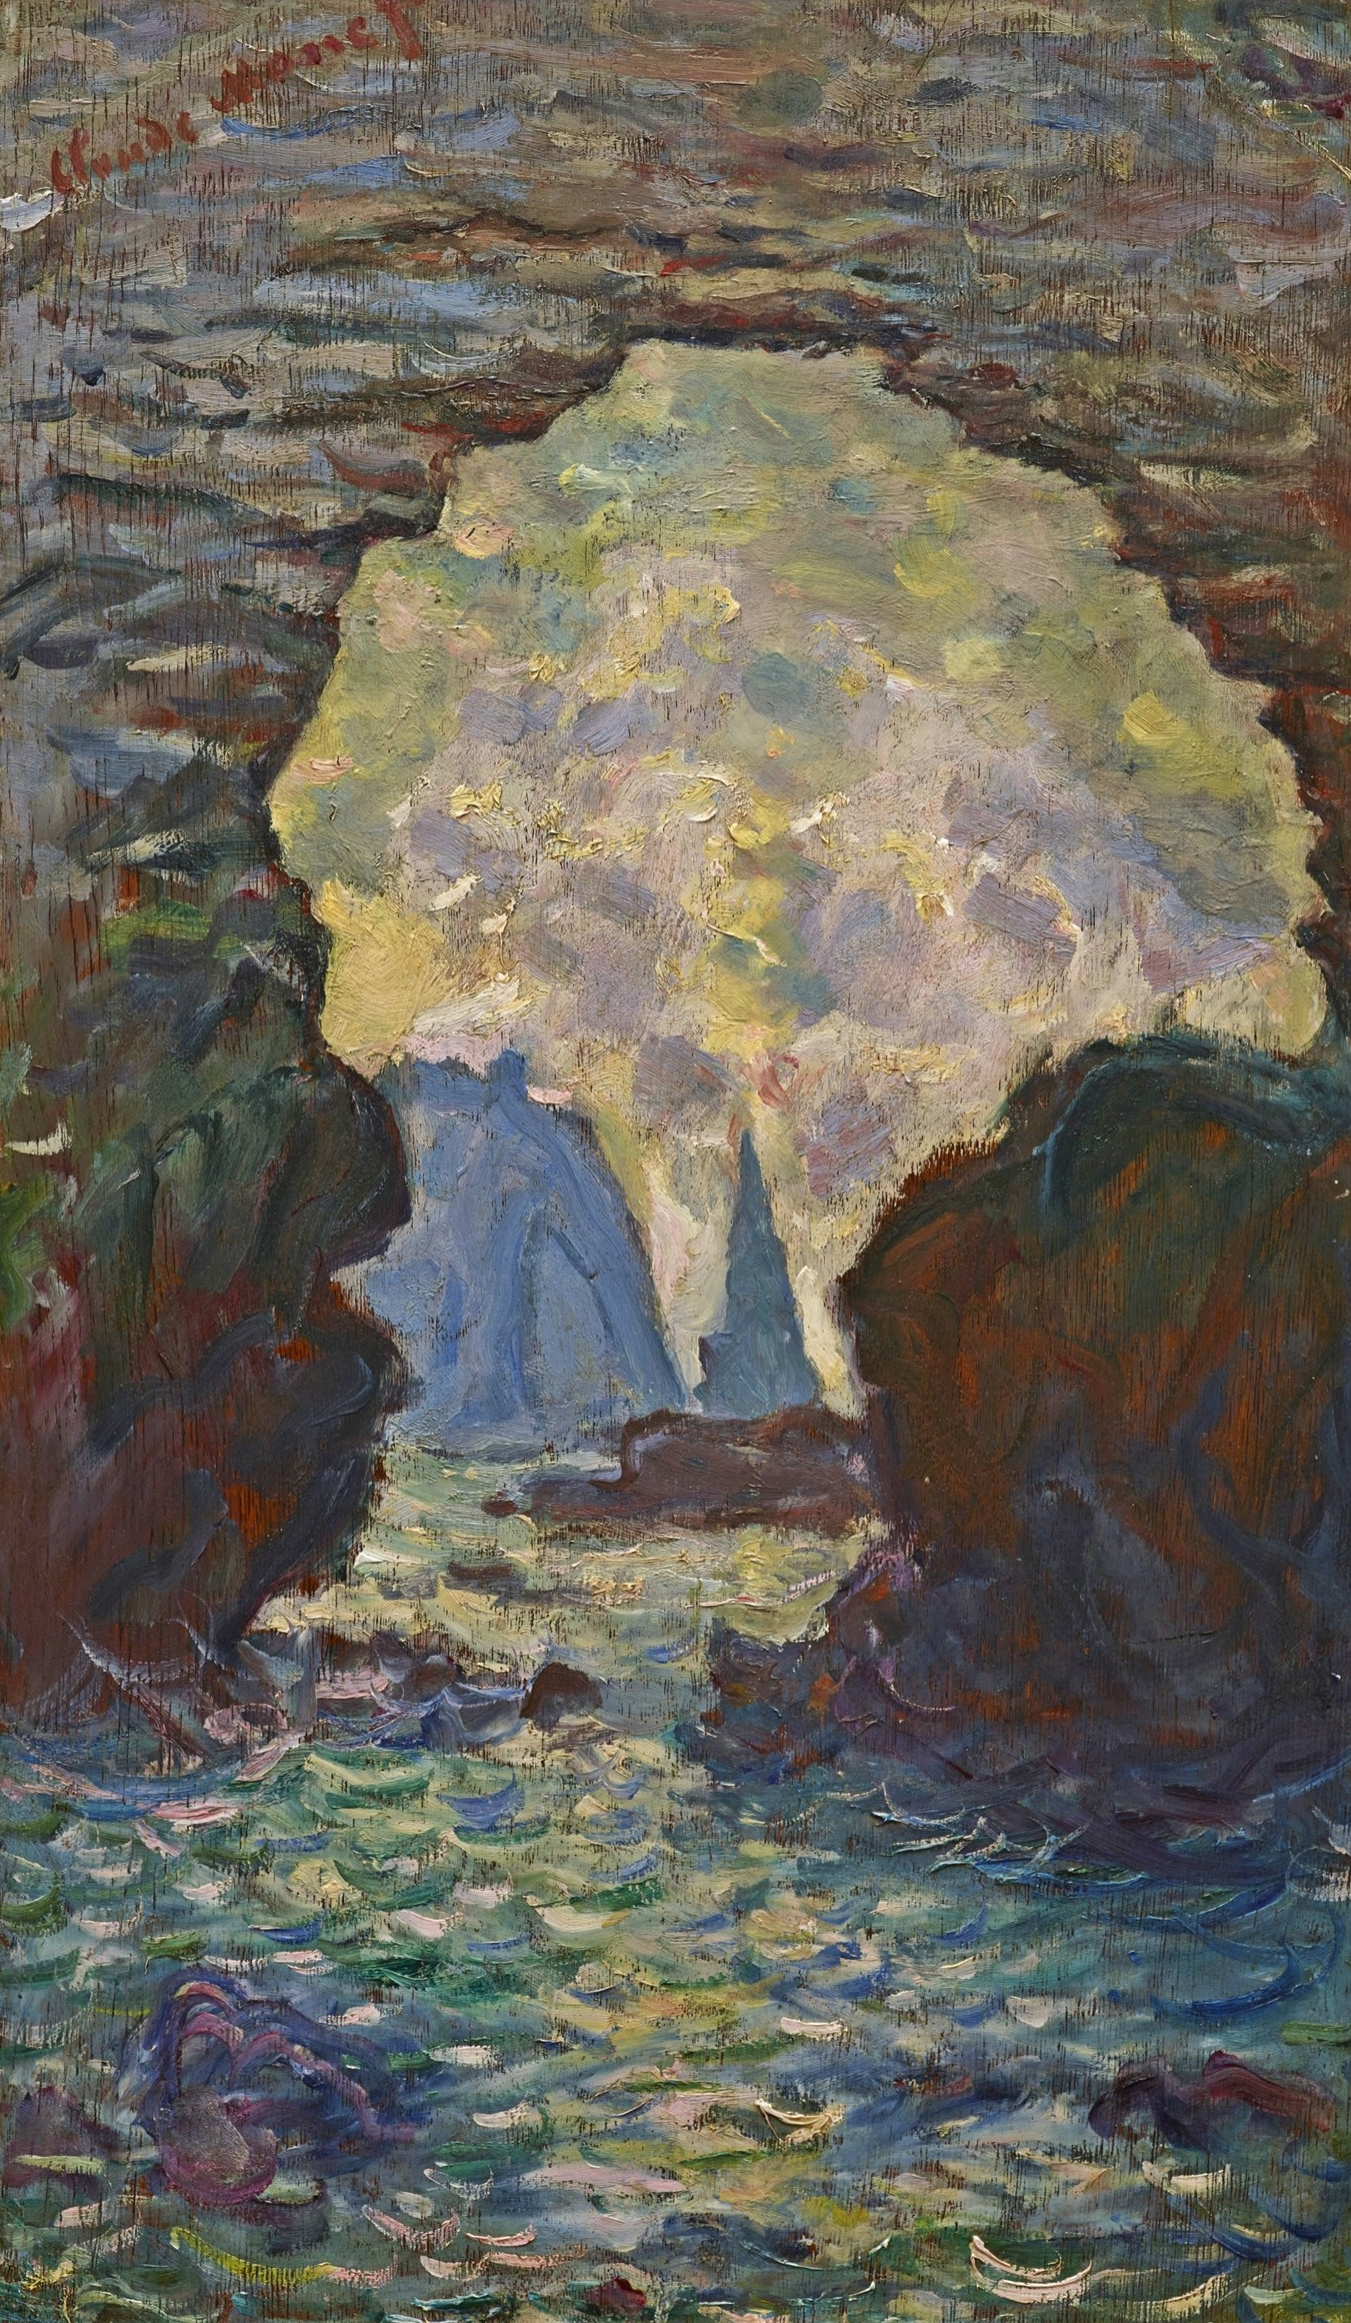 Ficheiro:Claude Monet - L'aiguille d'Étretat vue à travers la porte d'Amont.jpg  – Wikipédia, a enciclopédia livre